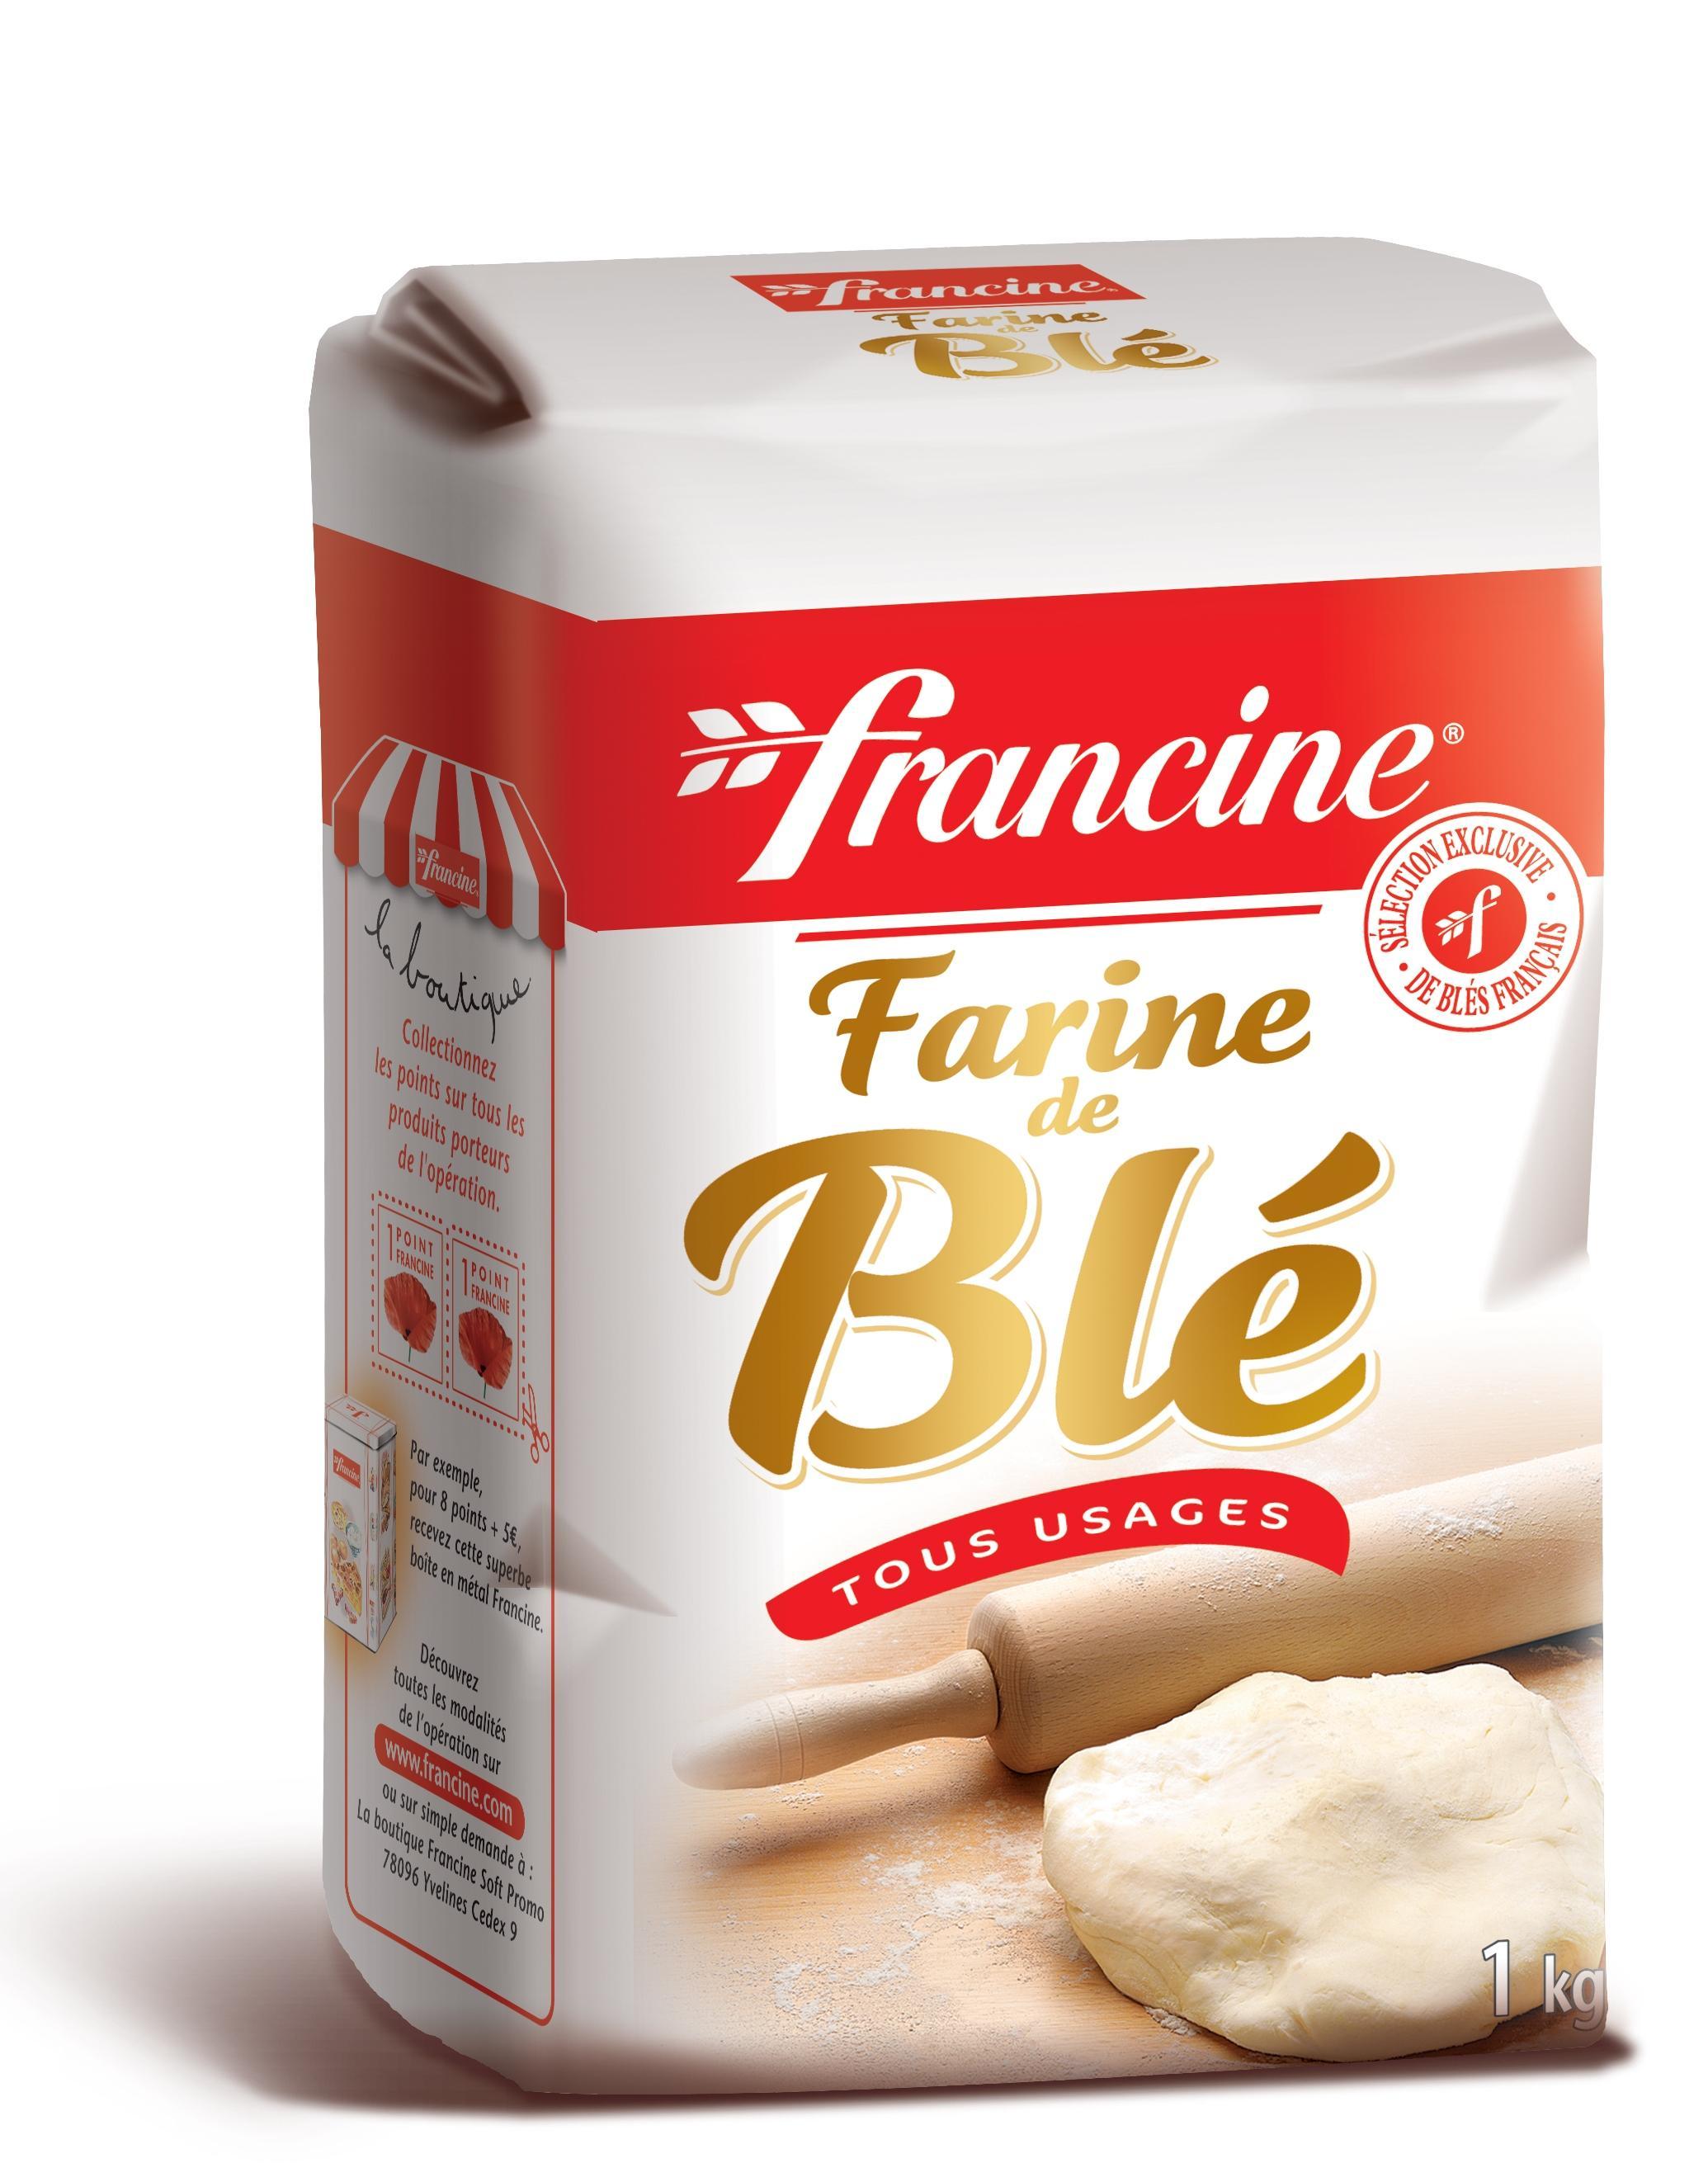 Sachet de farine de blé Francine gratuite - 1 kg (via BDR + Prixing)